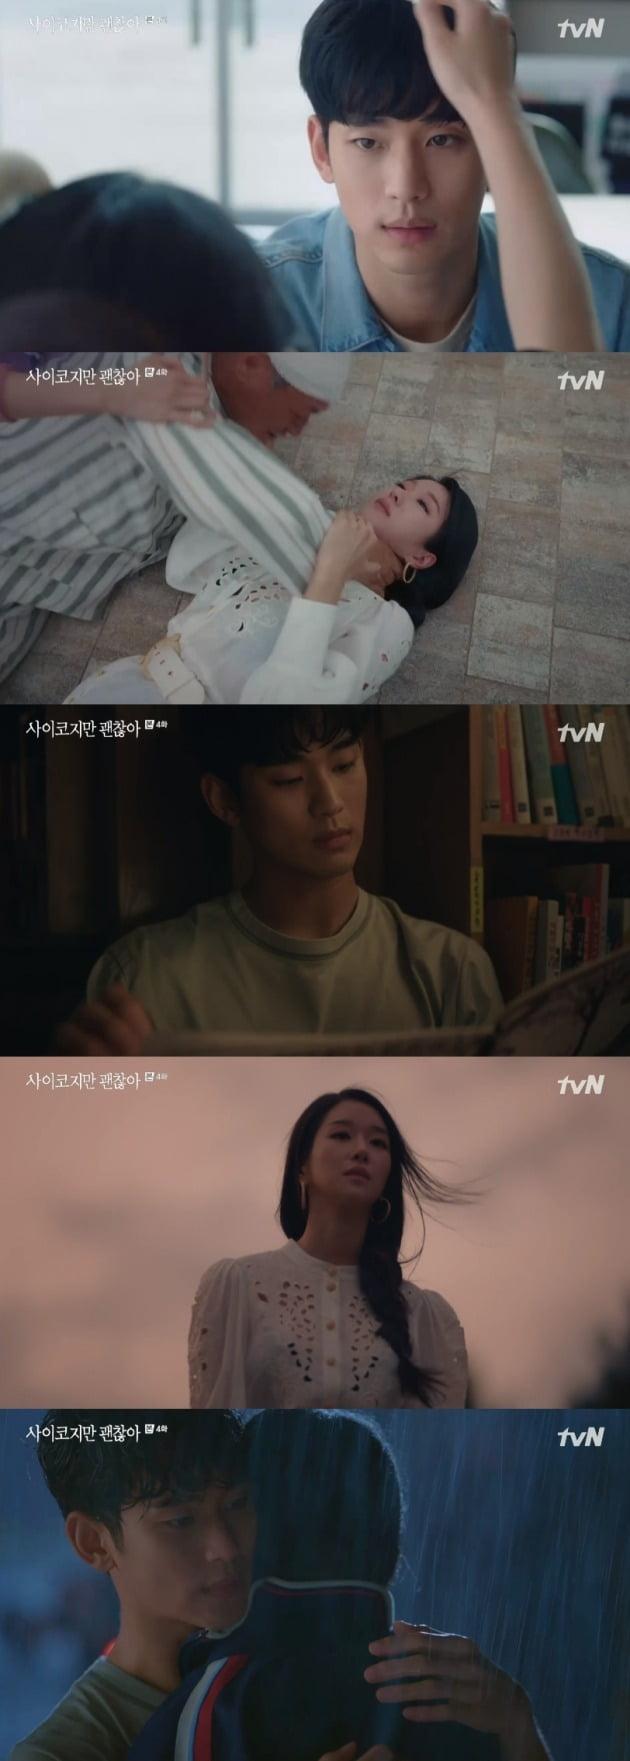 tvN 드라마 '사이코지만 괜찮아' 방송화면 캡처.